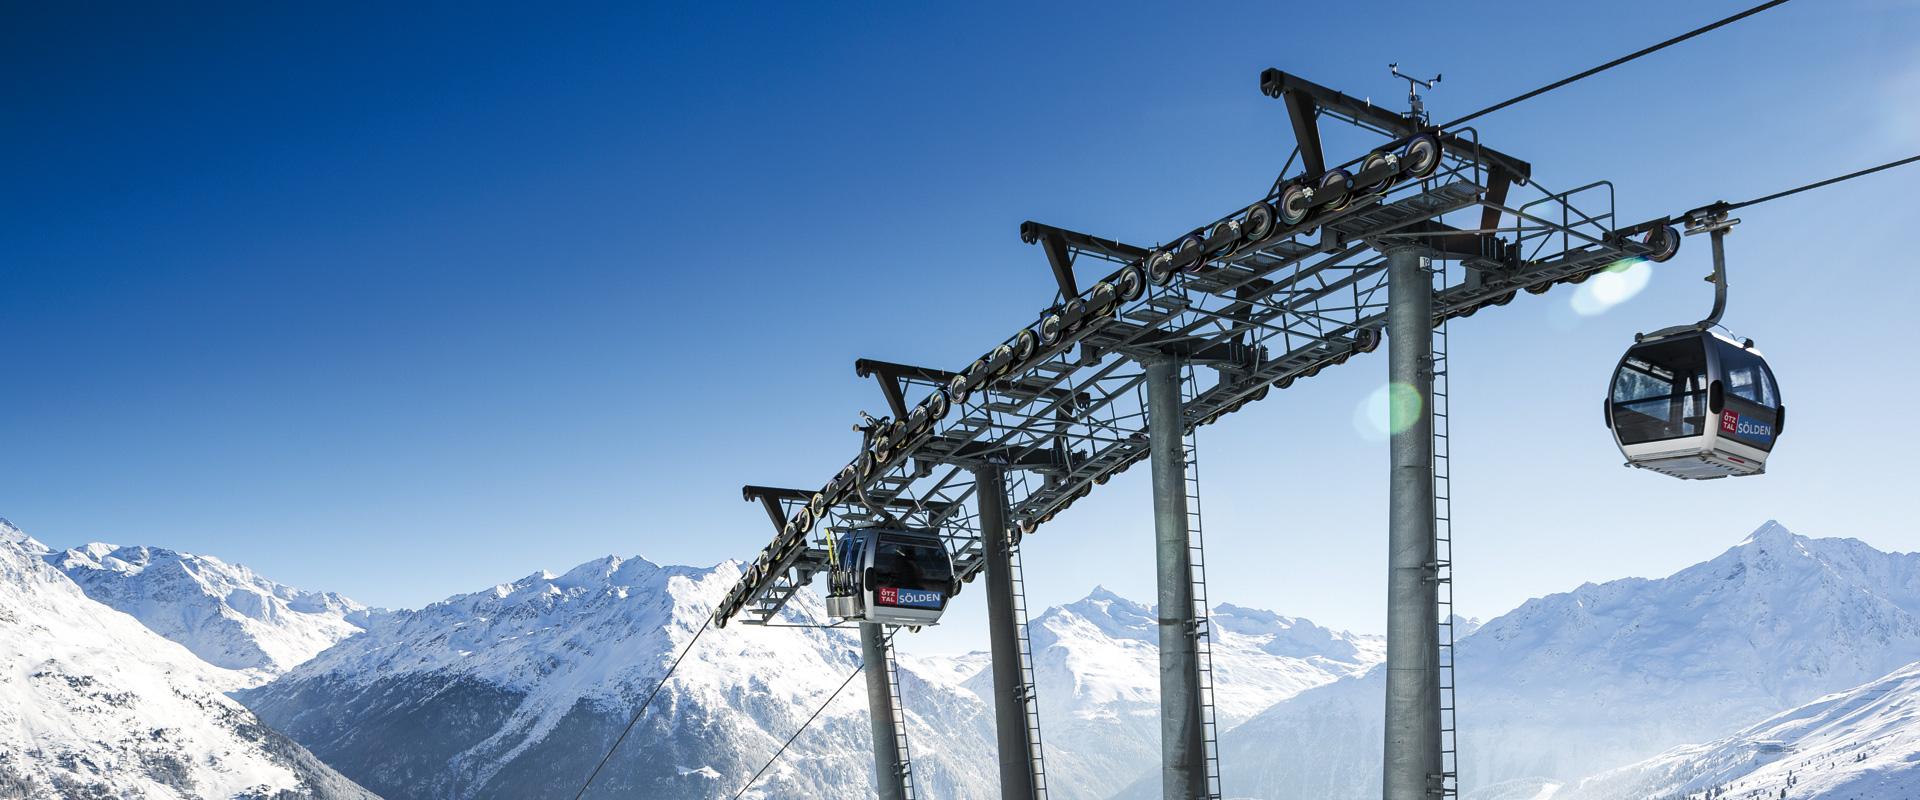 header_soelden_skigebiet_obstlerhuette